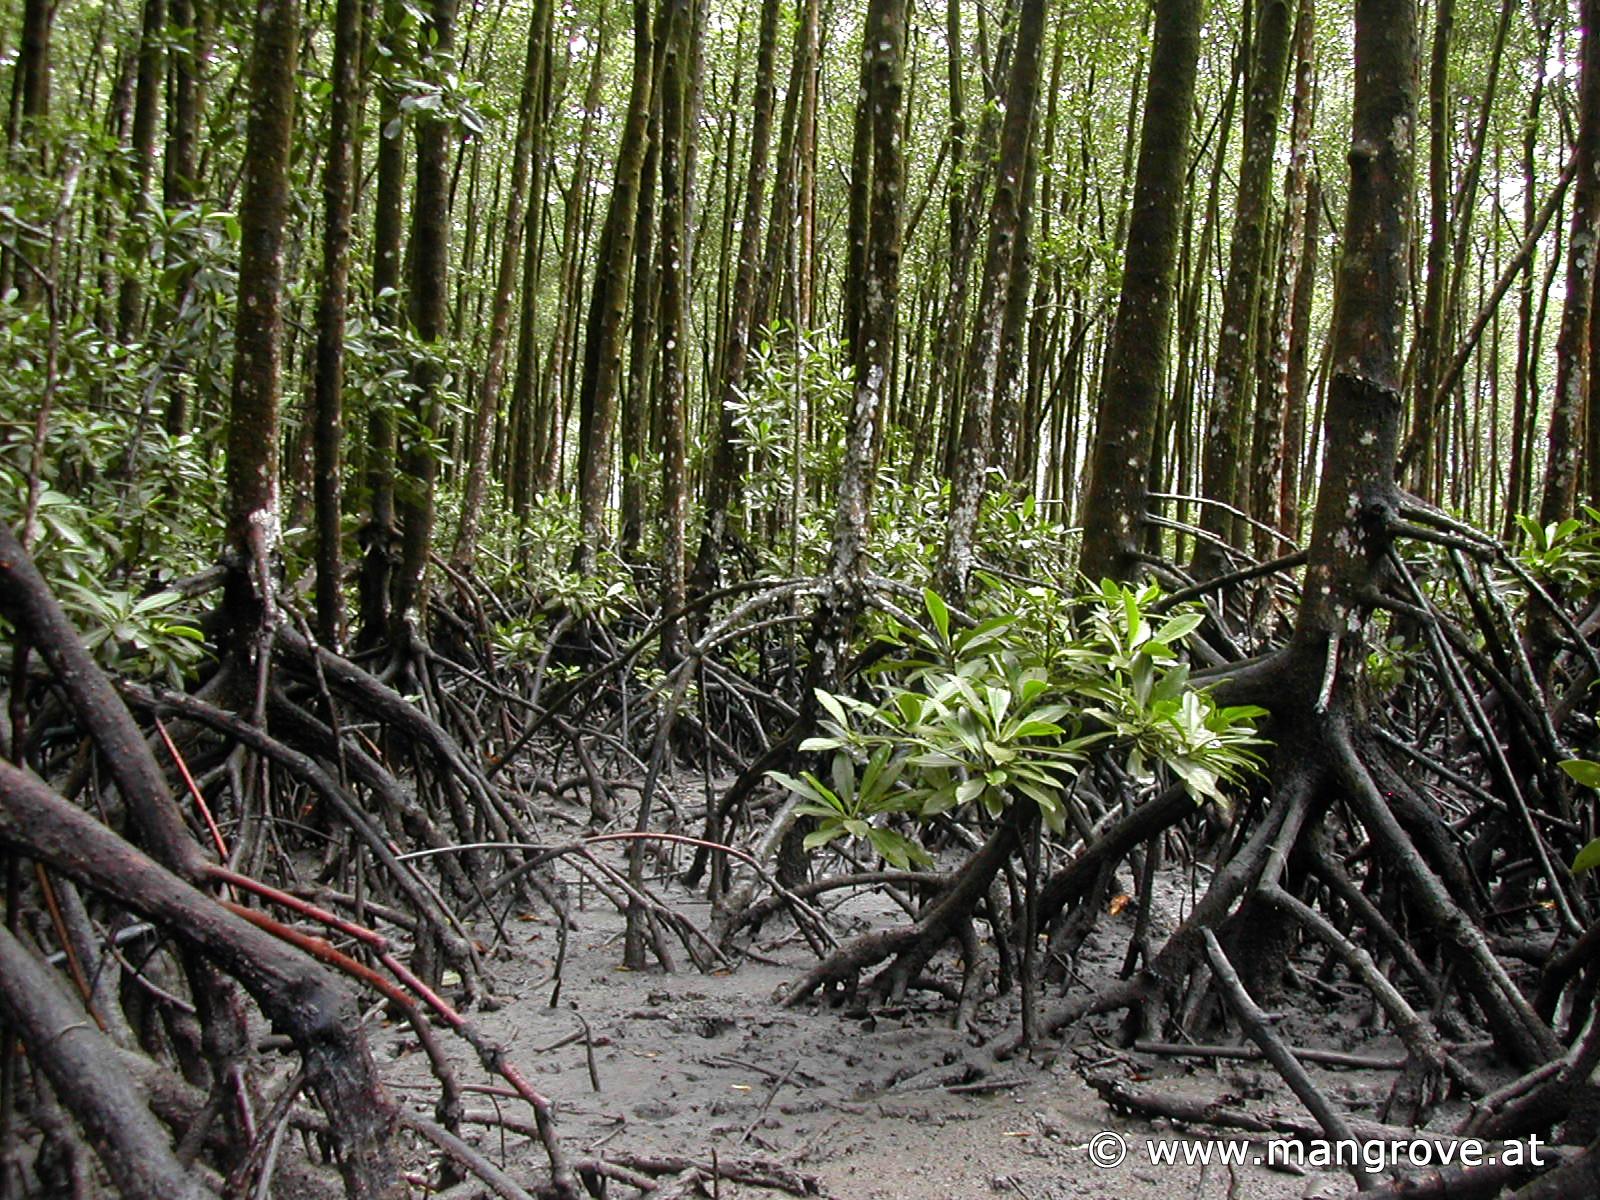 Rhizophora stylosa - Stilted Mangrove